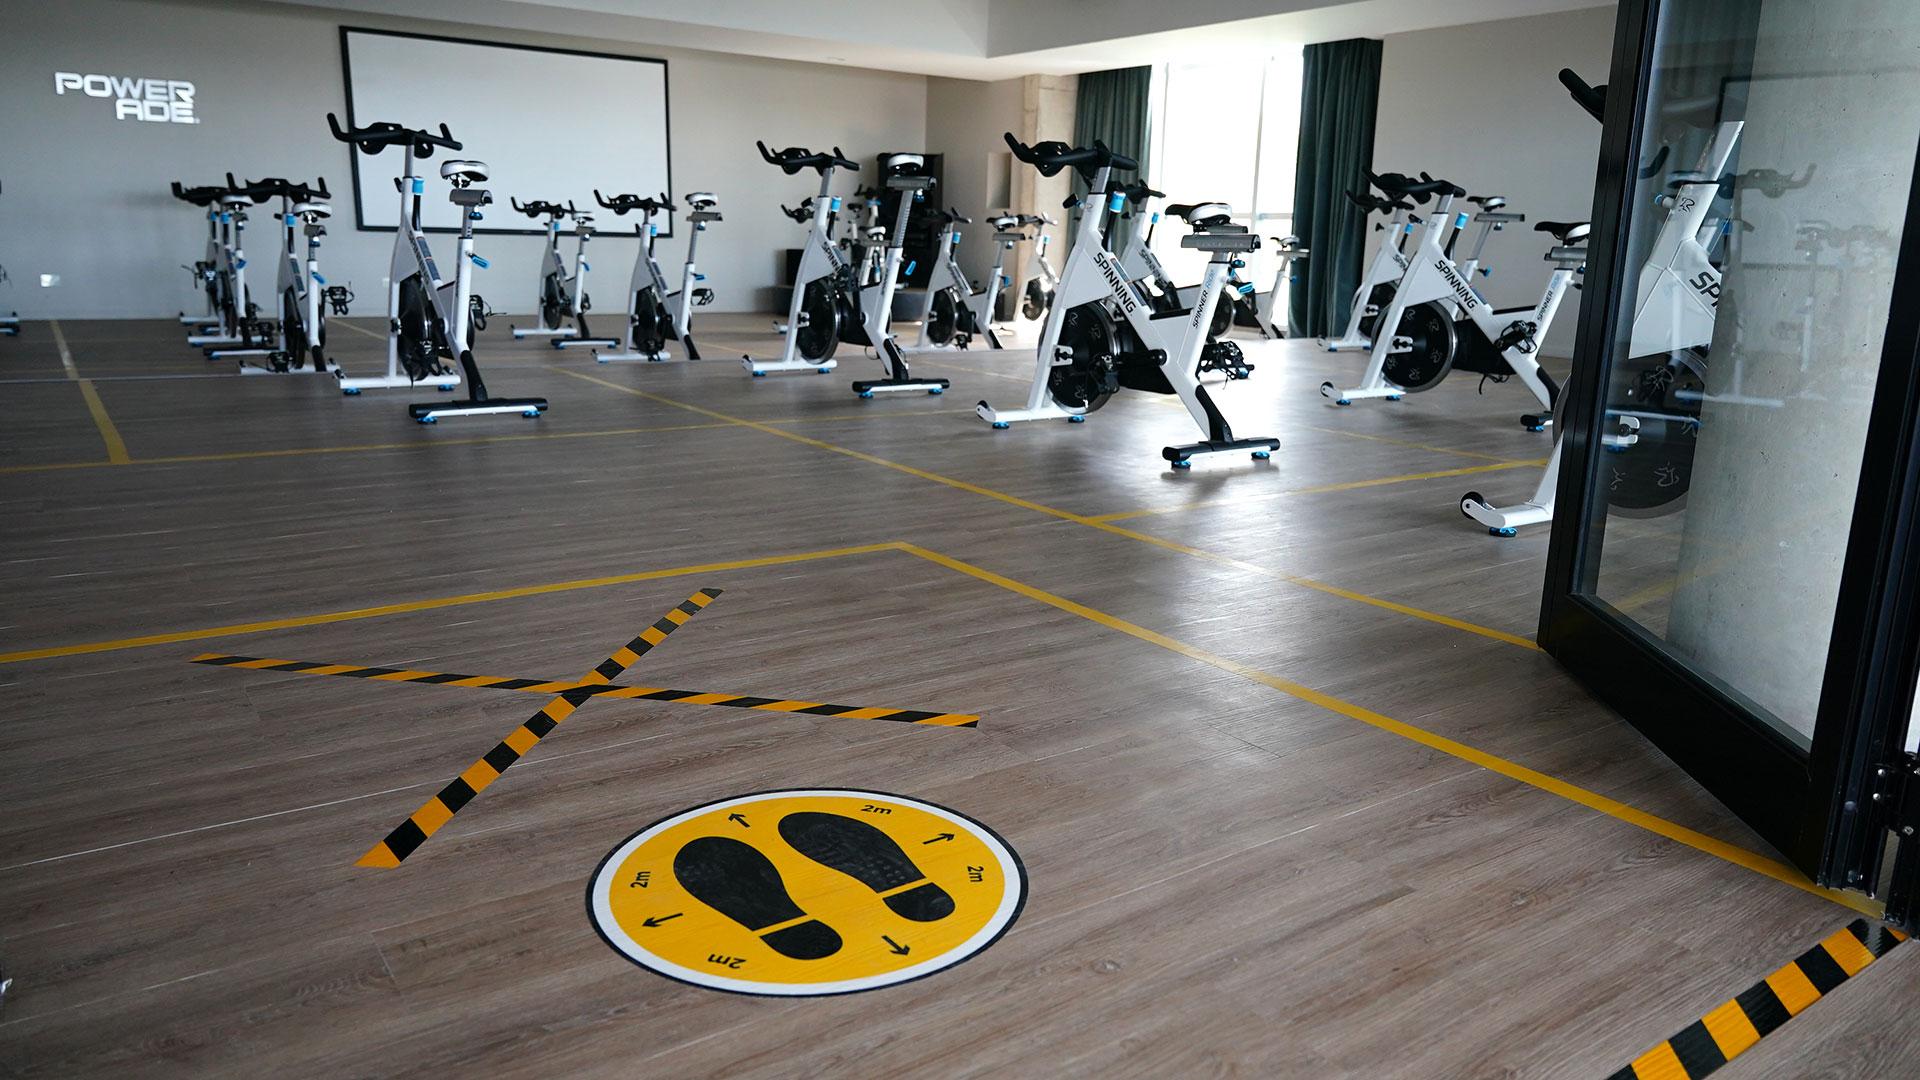 Dos semanas atrás, se permitió el regreso de la práctica de deportes individuales y ahora, con un protocolo específico, le llegó el turno a los gimnasios del municipio.